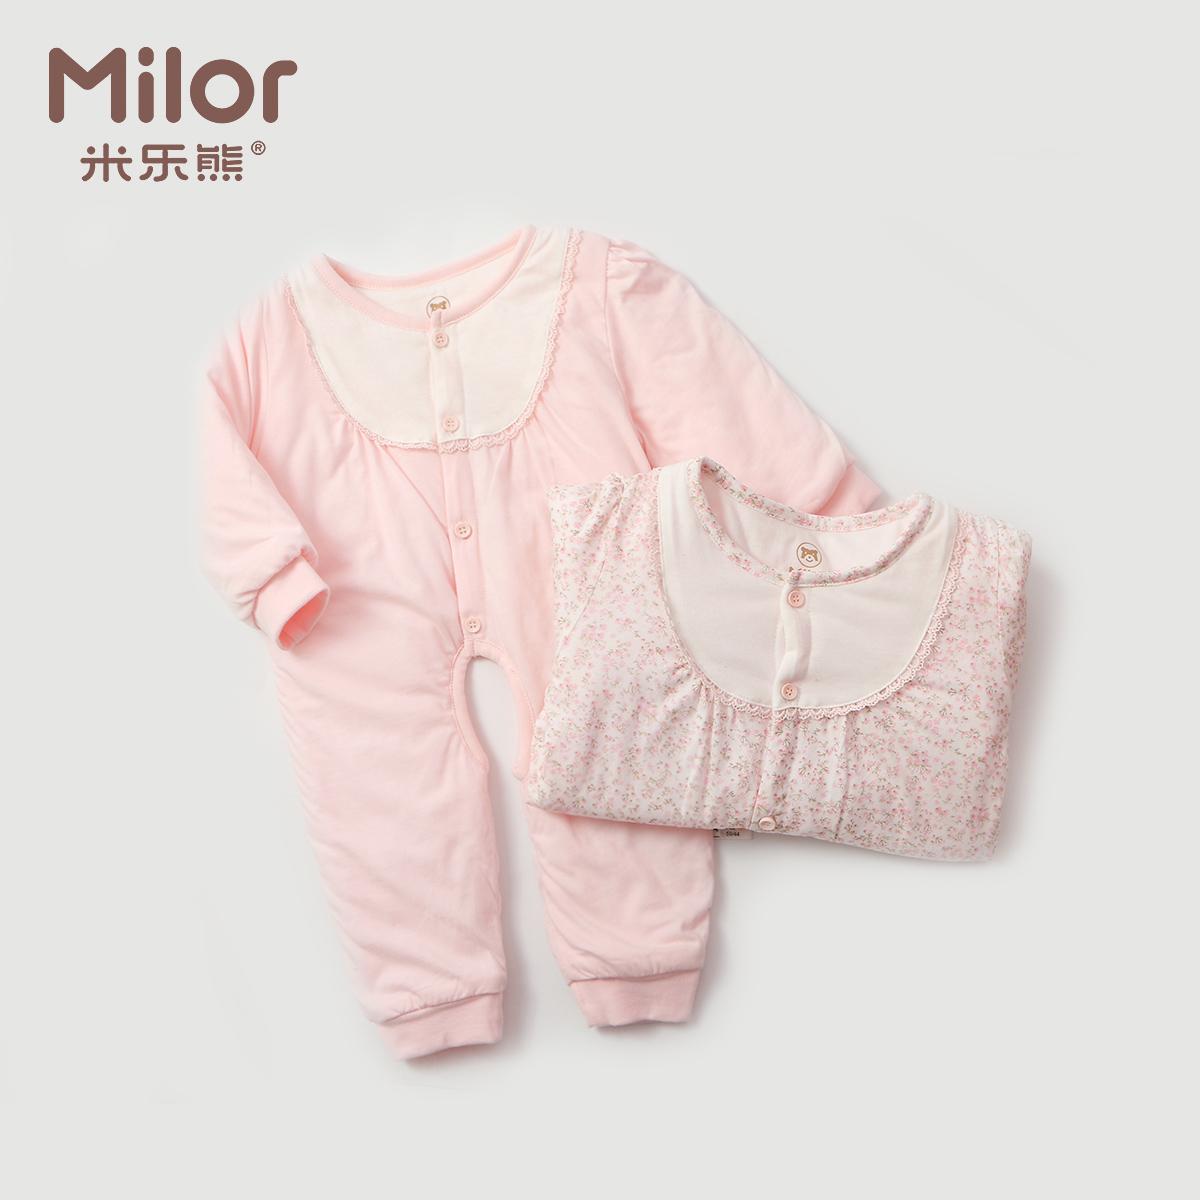 熊婴儿连体衣园档哈衣衣服W1D0158D